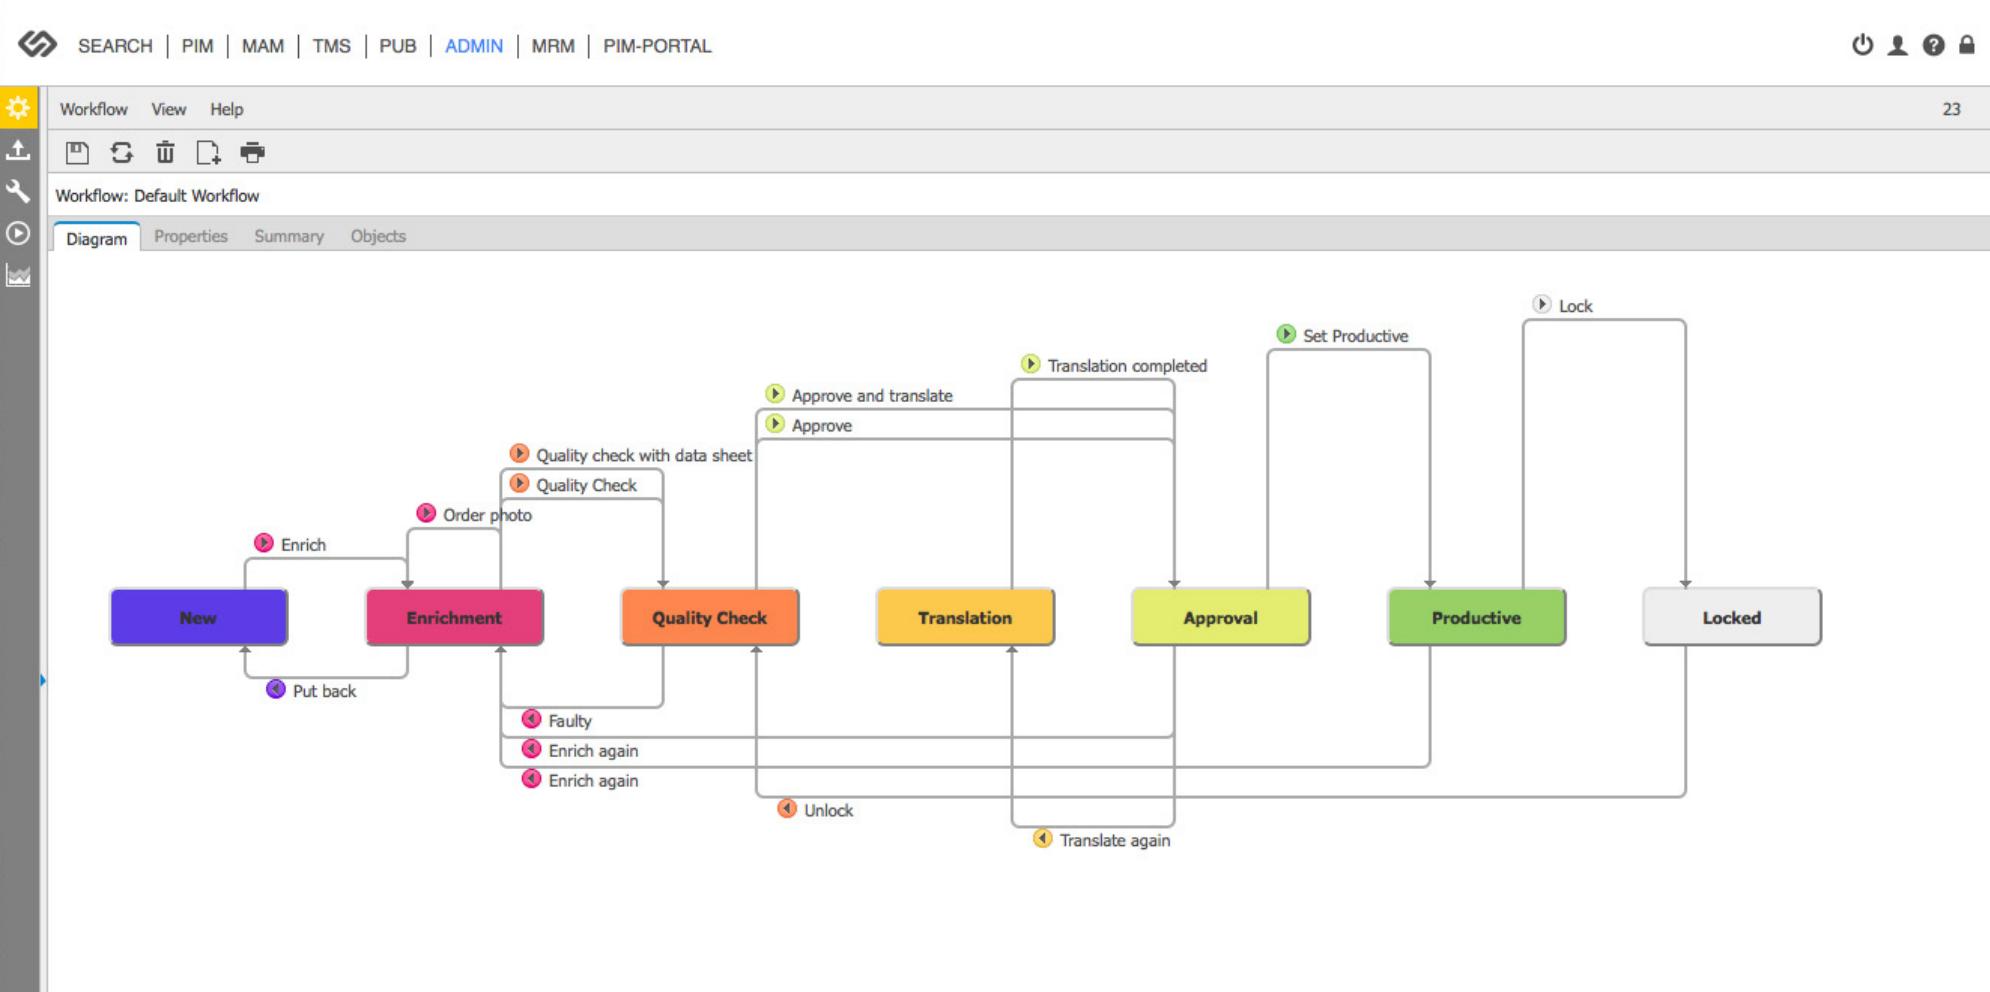 Contentserv screenshot: Contentserv workflow customization